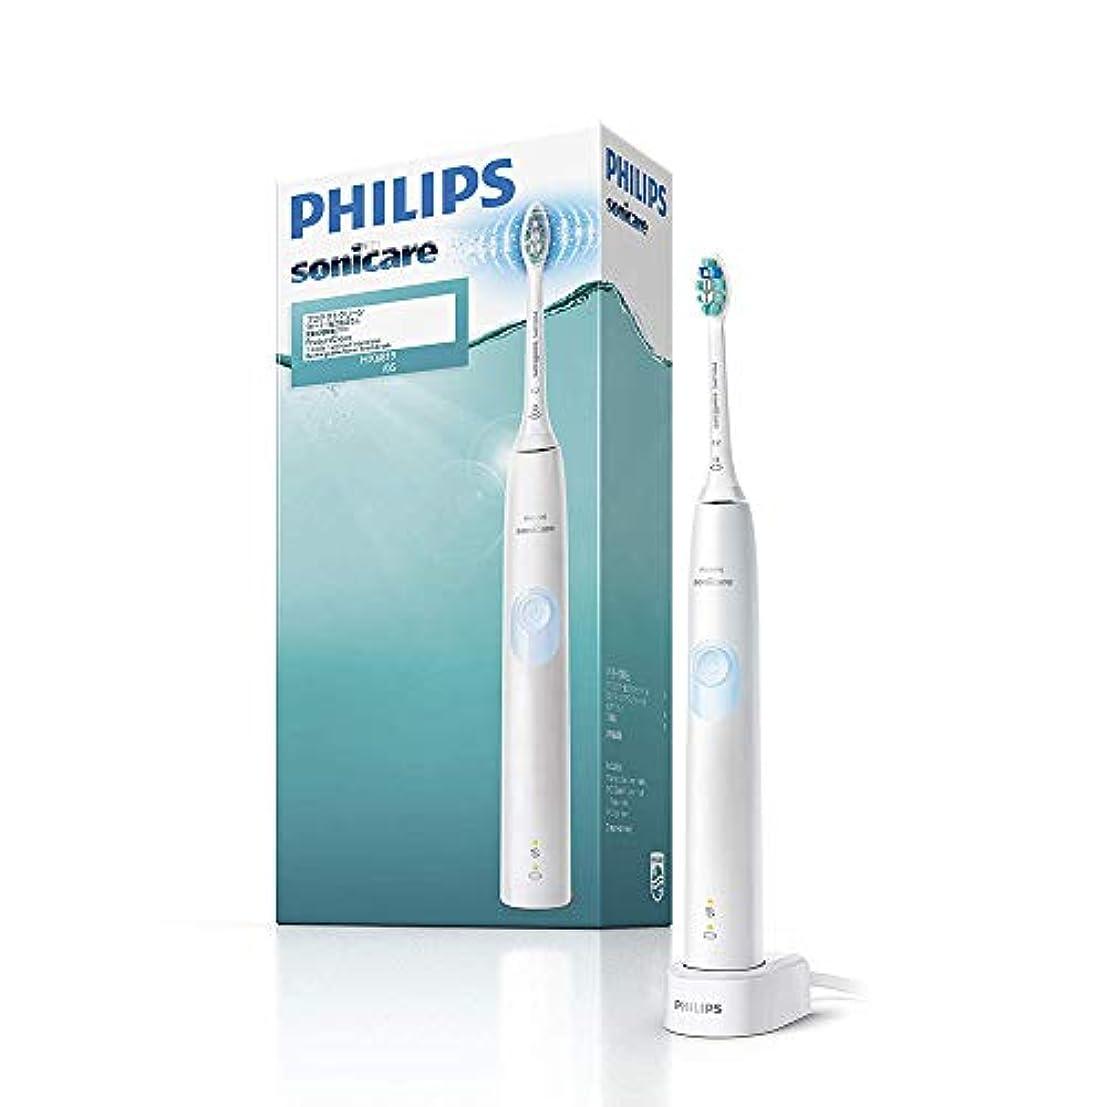 反射そうトロリー【Amazon.co.jp限定】フィリップス ソニッケアー プロテクトクリーン ホワイトライトブルー 電動歯ブラシ 強さ設定なし HX6819/05